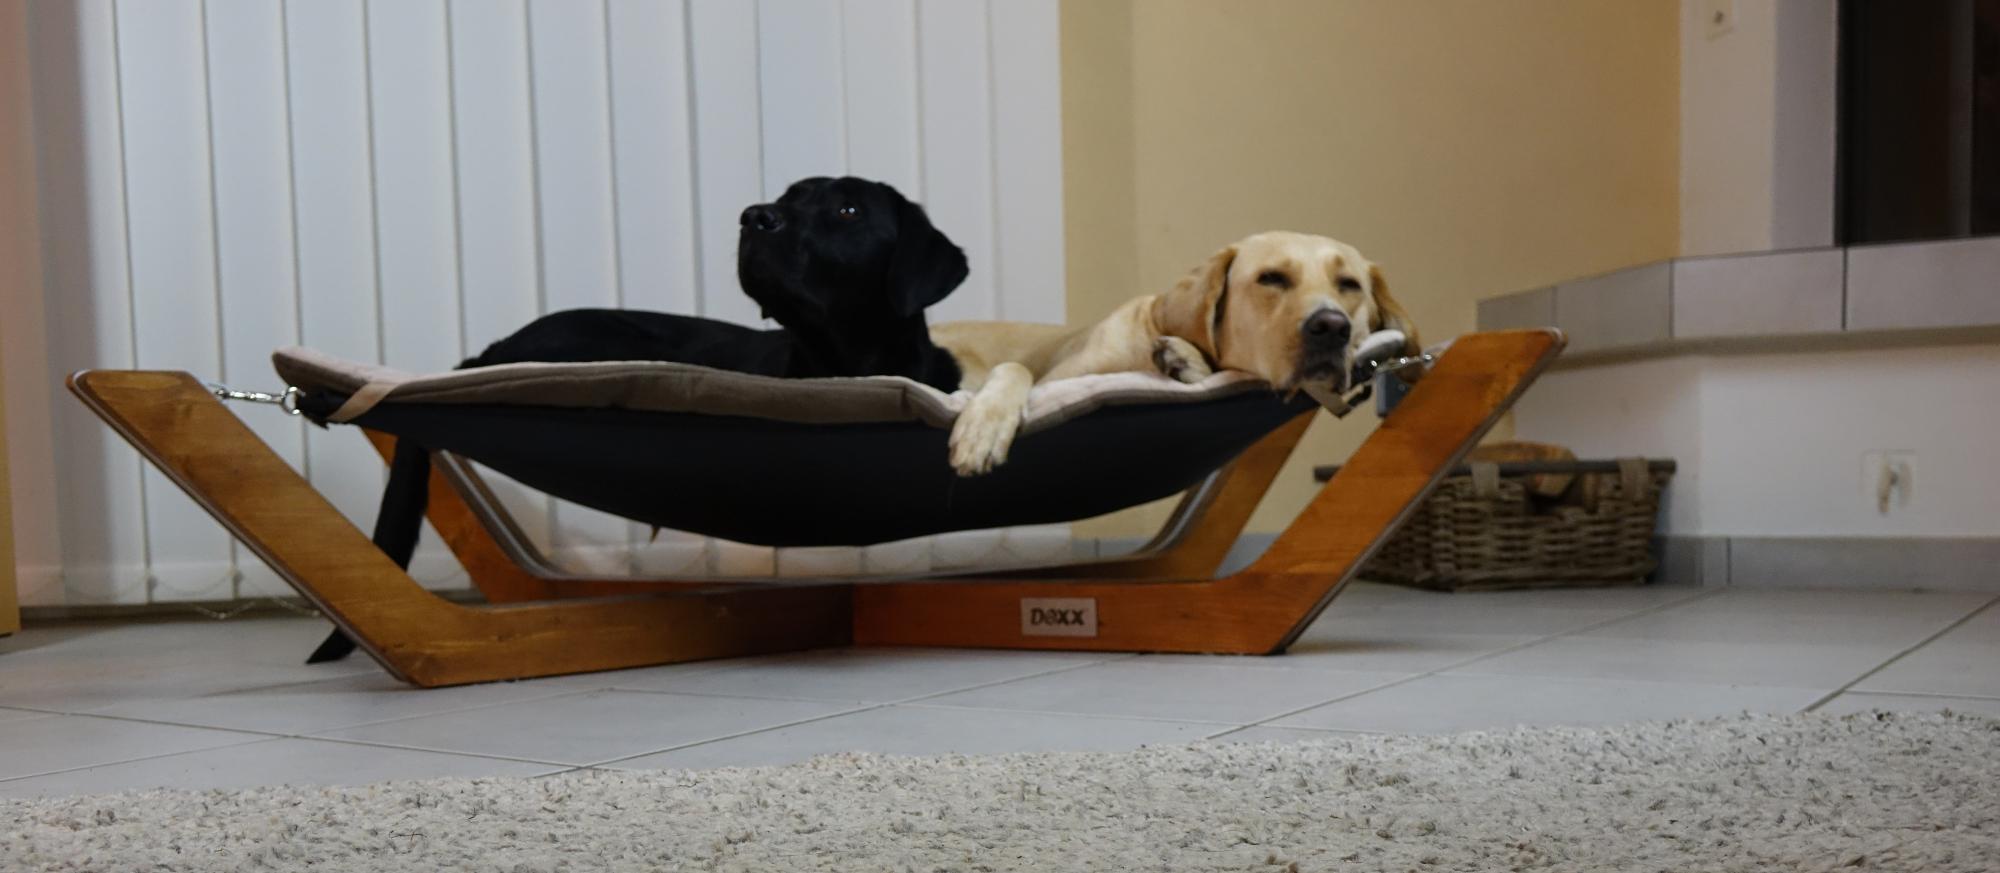 Doxx-Lounge, Labrador, schlafen, Hundebett, Hängebett, Hängematte, Hundehängematte